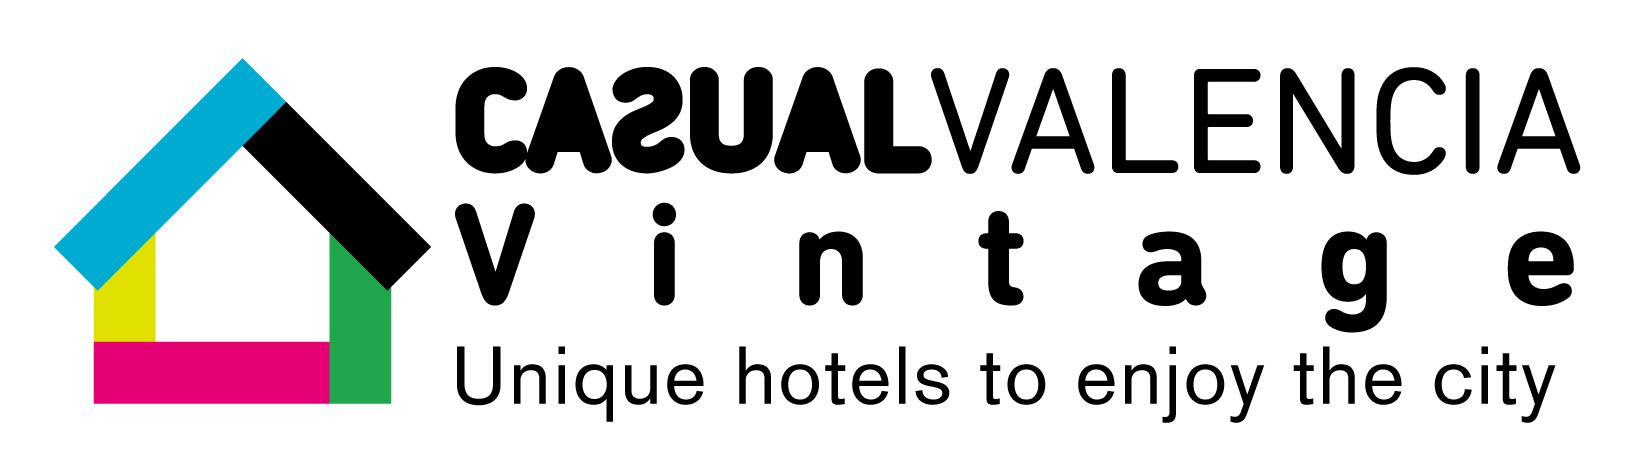 casual-valencia_logo